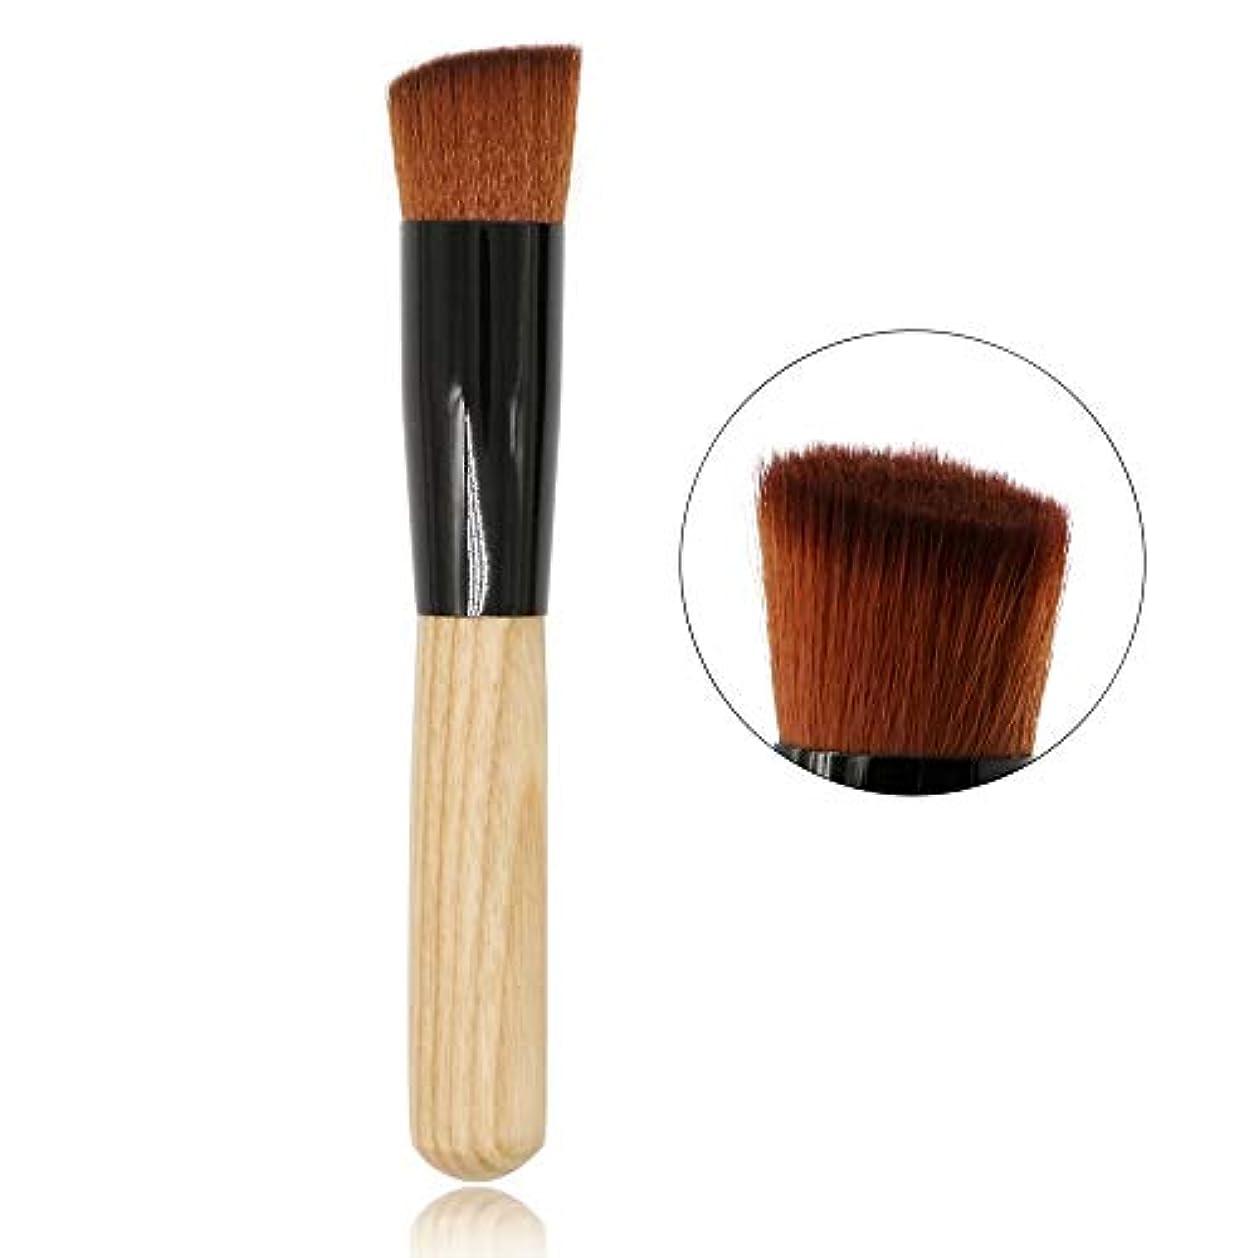 ひどいアスレチック格差CHANGYUXINTAI-HUAZHUANGSHUA 単一の基礎ブラシ、チークブラシを運ぶための木製のハンドル。 (Color : Wooden Color)